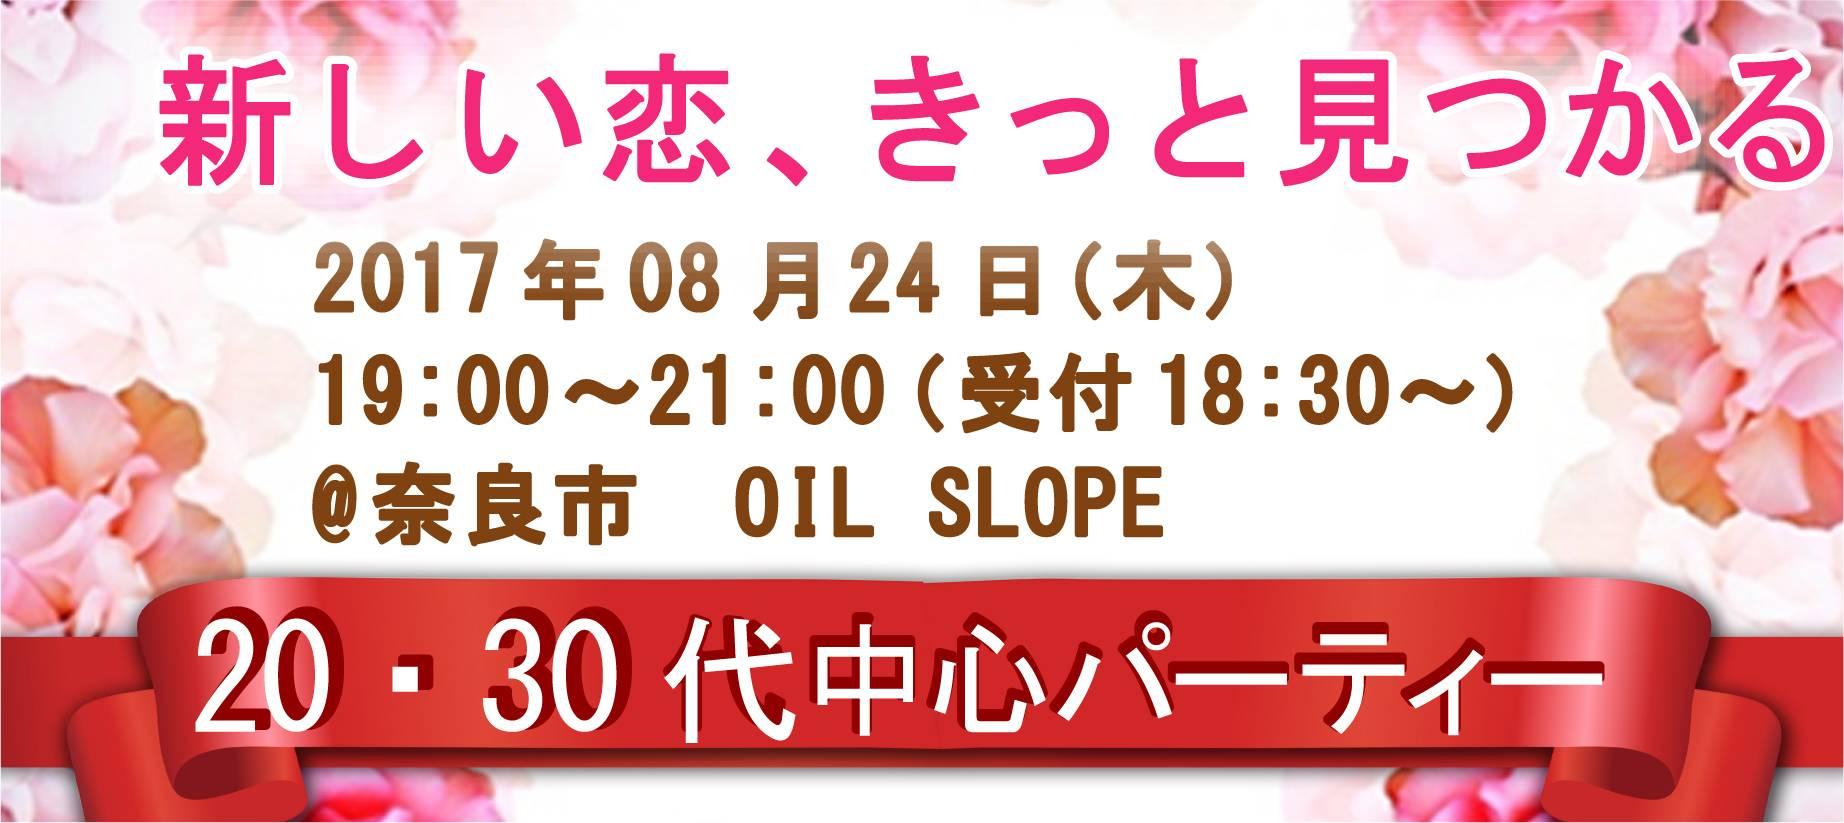 【奈良の恋活パーティー】SHIAN'S PARTY主催 2017年8月24日